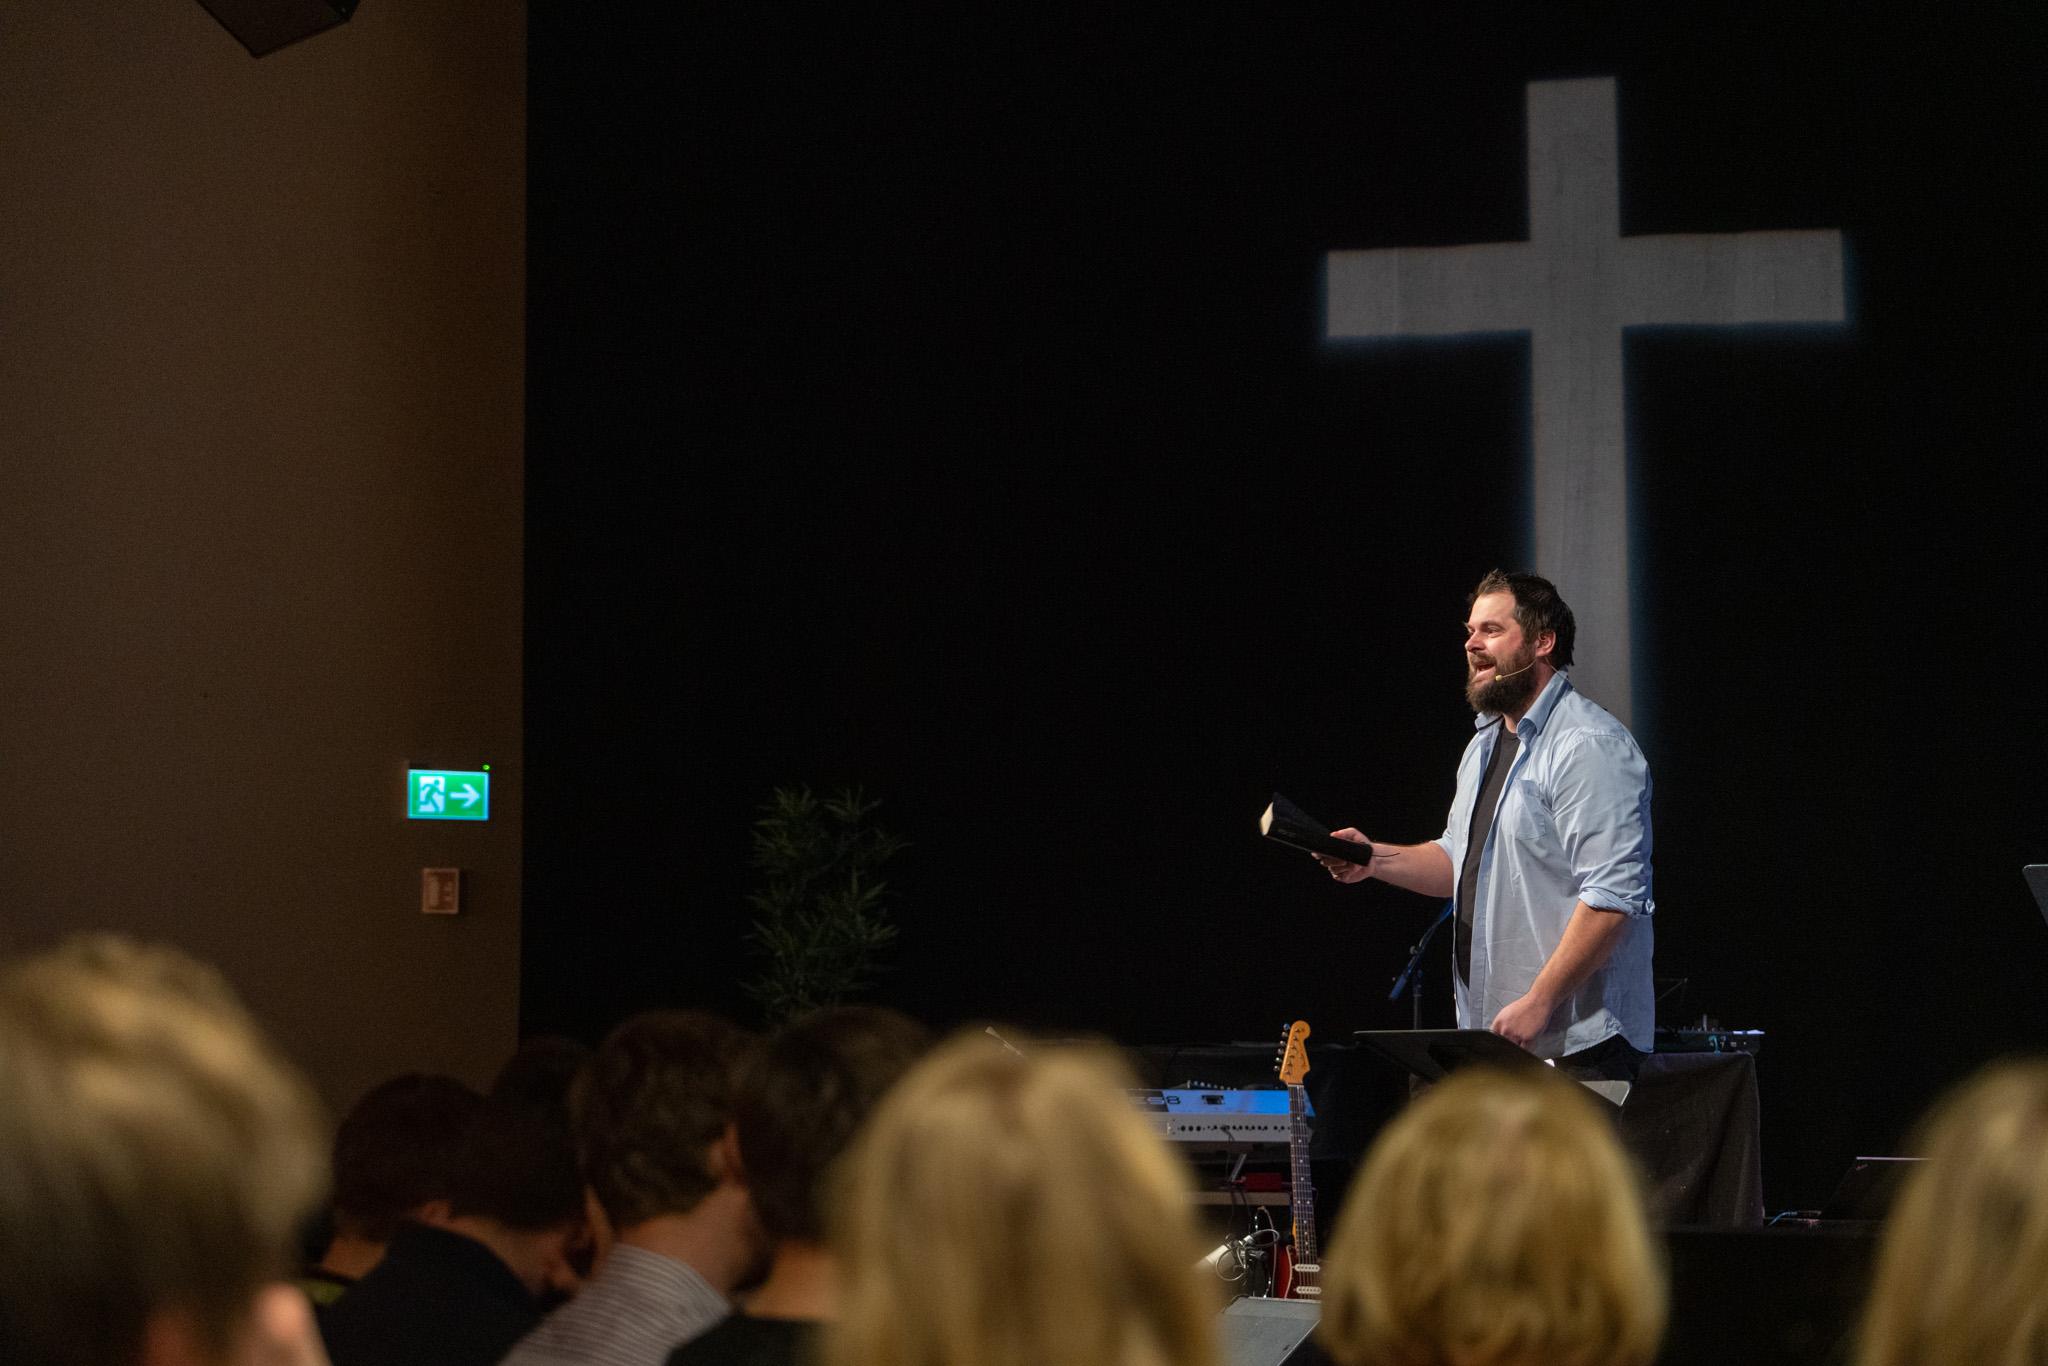 Håkon Andre Berg talte på avslutningsmøtet søndag morgen. Foto: Miroslav Boljevic.